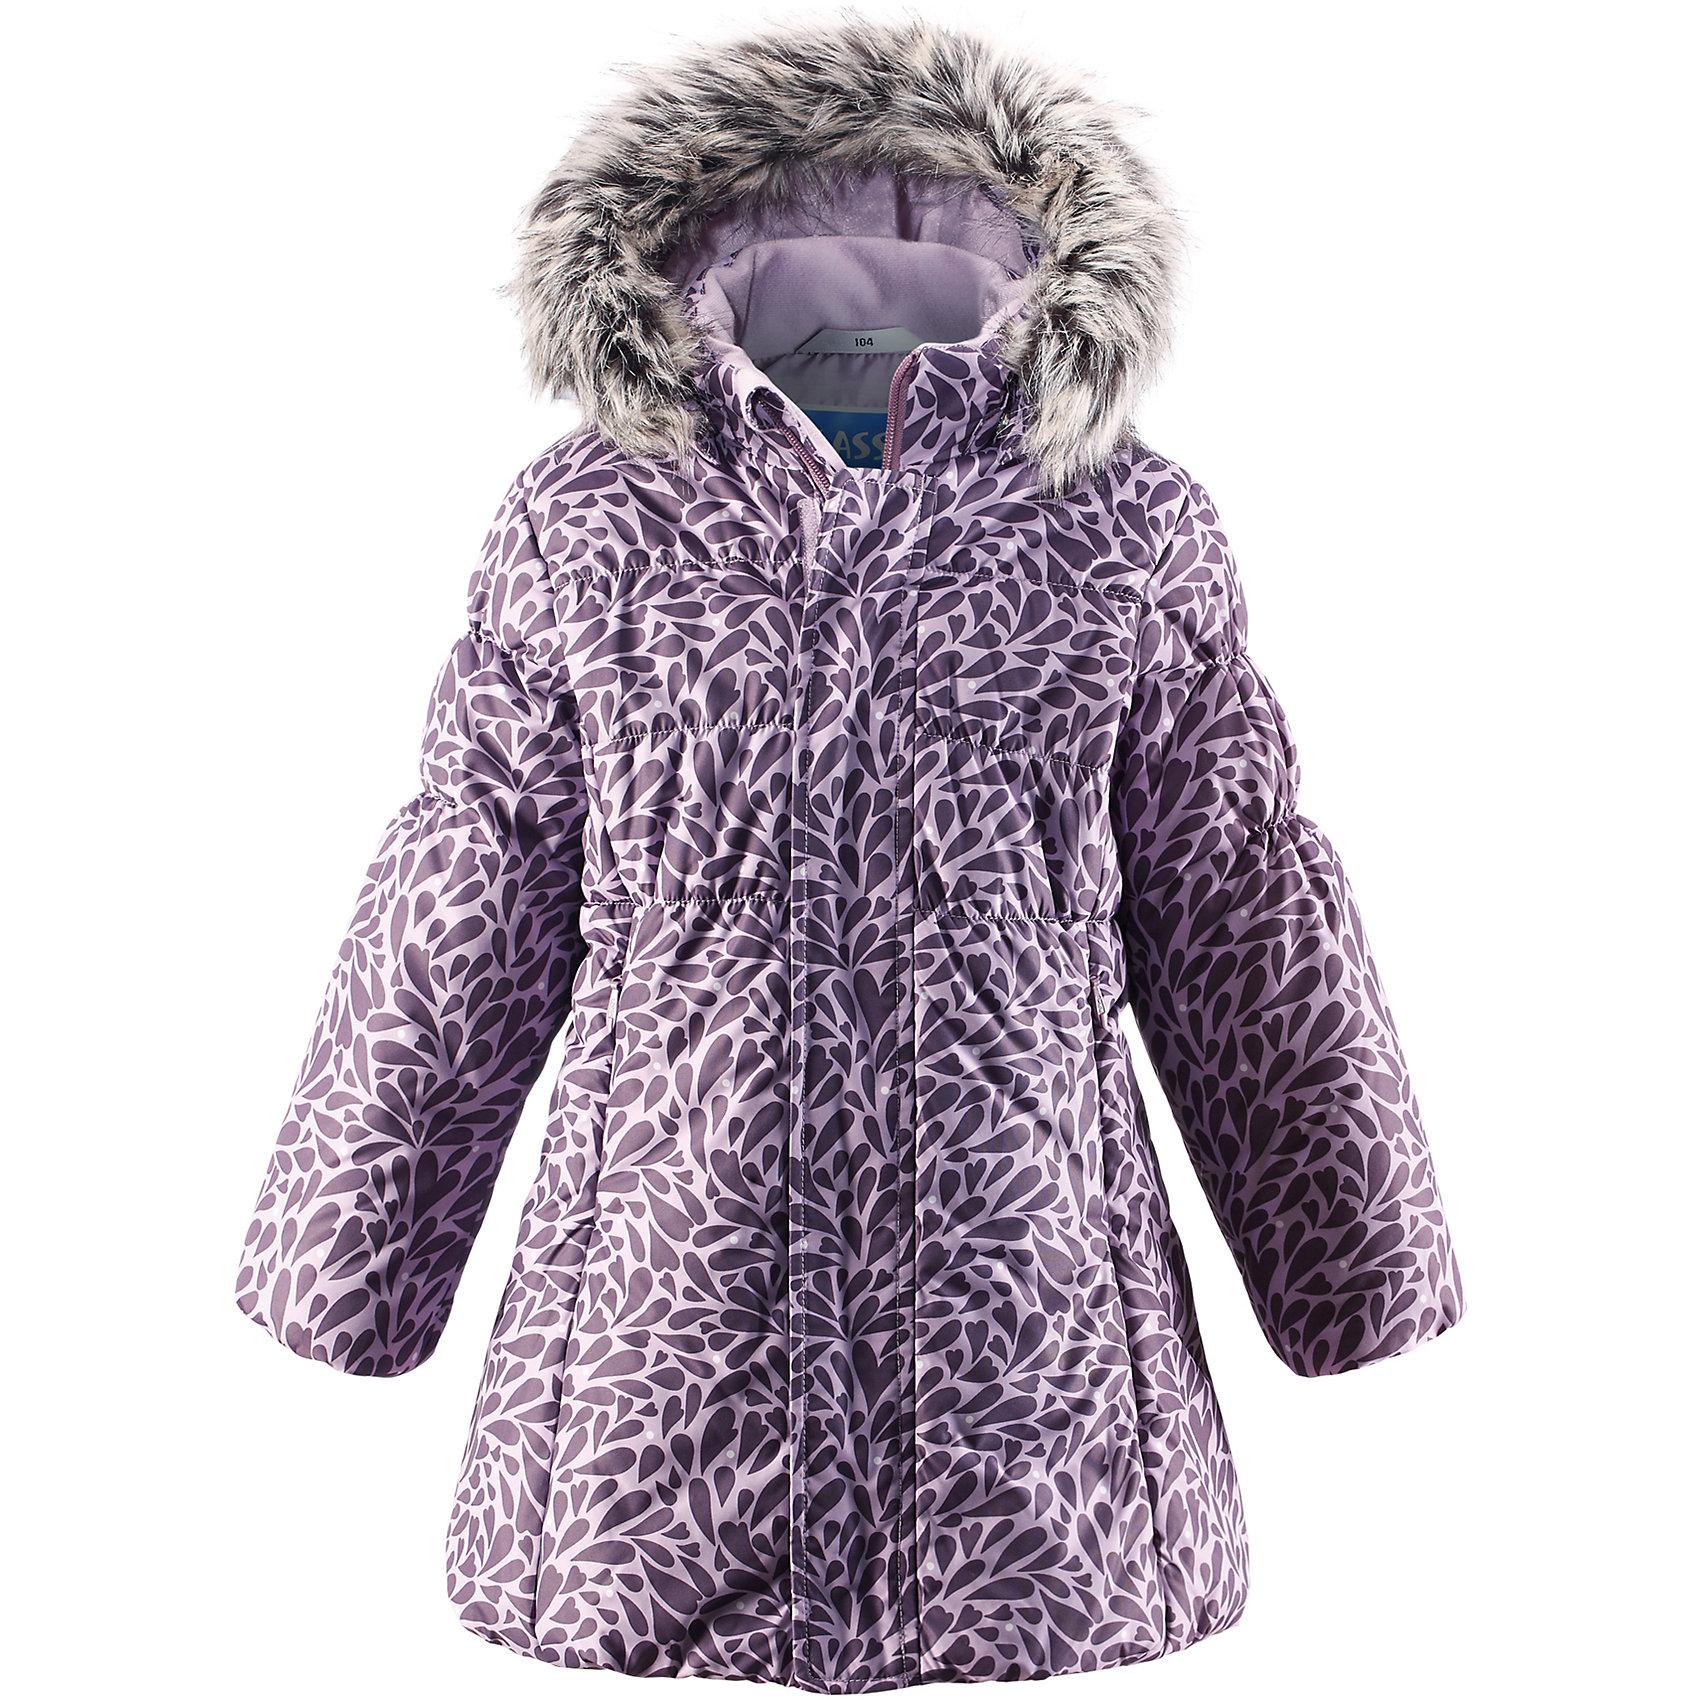 Пальто LASSIEОдежда<br>Зимнее пальто для детей известной финской марки.<br><br>- Водоотталкивающий, ветронепроницаемый, «дышащий» и грязеотталкивающий материал.<br>- Крой для девочек. <br>- Гладкая подкладка из полиэстра.<br>- Средняя степень утепления. <br>- Безопасный съемный капюшон с отсоединяемой меховой каймой из искусственного меха.<br>- Эластичные манжеты. <br>- Регулируемый обхват талии. <br>- Карманы с клапанами.  <br><br>Рекомендации по уходу: Стирать по отдельности, вывернув наизнанку. Перед стиркой отстегните искусственный мех. Застегнуть молнии и липучки. Соблюдать температуру в соответствии с руководством по уходу. Стирать моющим средством, не содержащим отбеливающие вещества. Полоскать без специального средства. Сушение в сушильном шкафу разрешено при  низкой температуре.<br><br>Состав: 100% Полиамид, полиуретановое покрытие.  Утеплитель «Lassie wadding» 200гр.<br><br>Ширина мм: 356<br>Глубина мм: 10<br>Высота мм: 245<br>Вес г: 519<br>Цвет: фиолетовый<br>Возраст от месяцев: 18<br>Возраст до месяцев: 24<br>Пол: Женский<br>Возраст: Детский<br>Размер: 92,140,98,104,110,116,122,128,134<br>SKU: 4782388